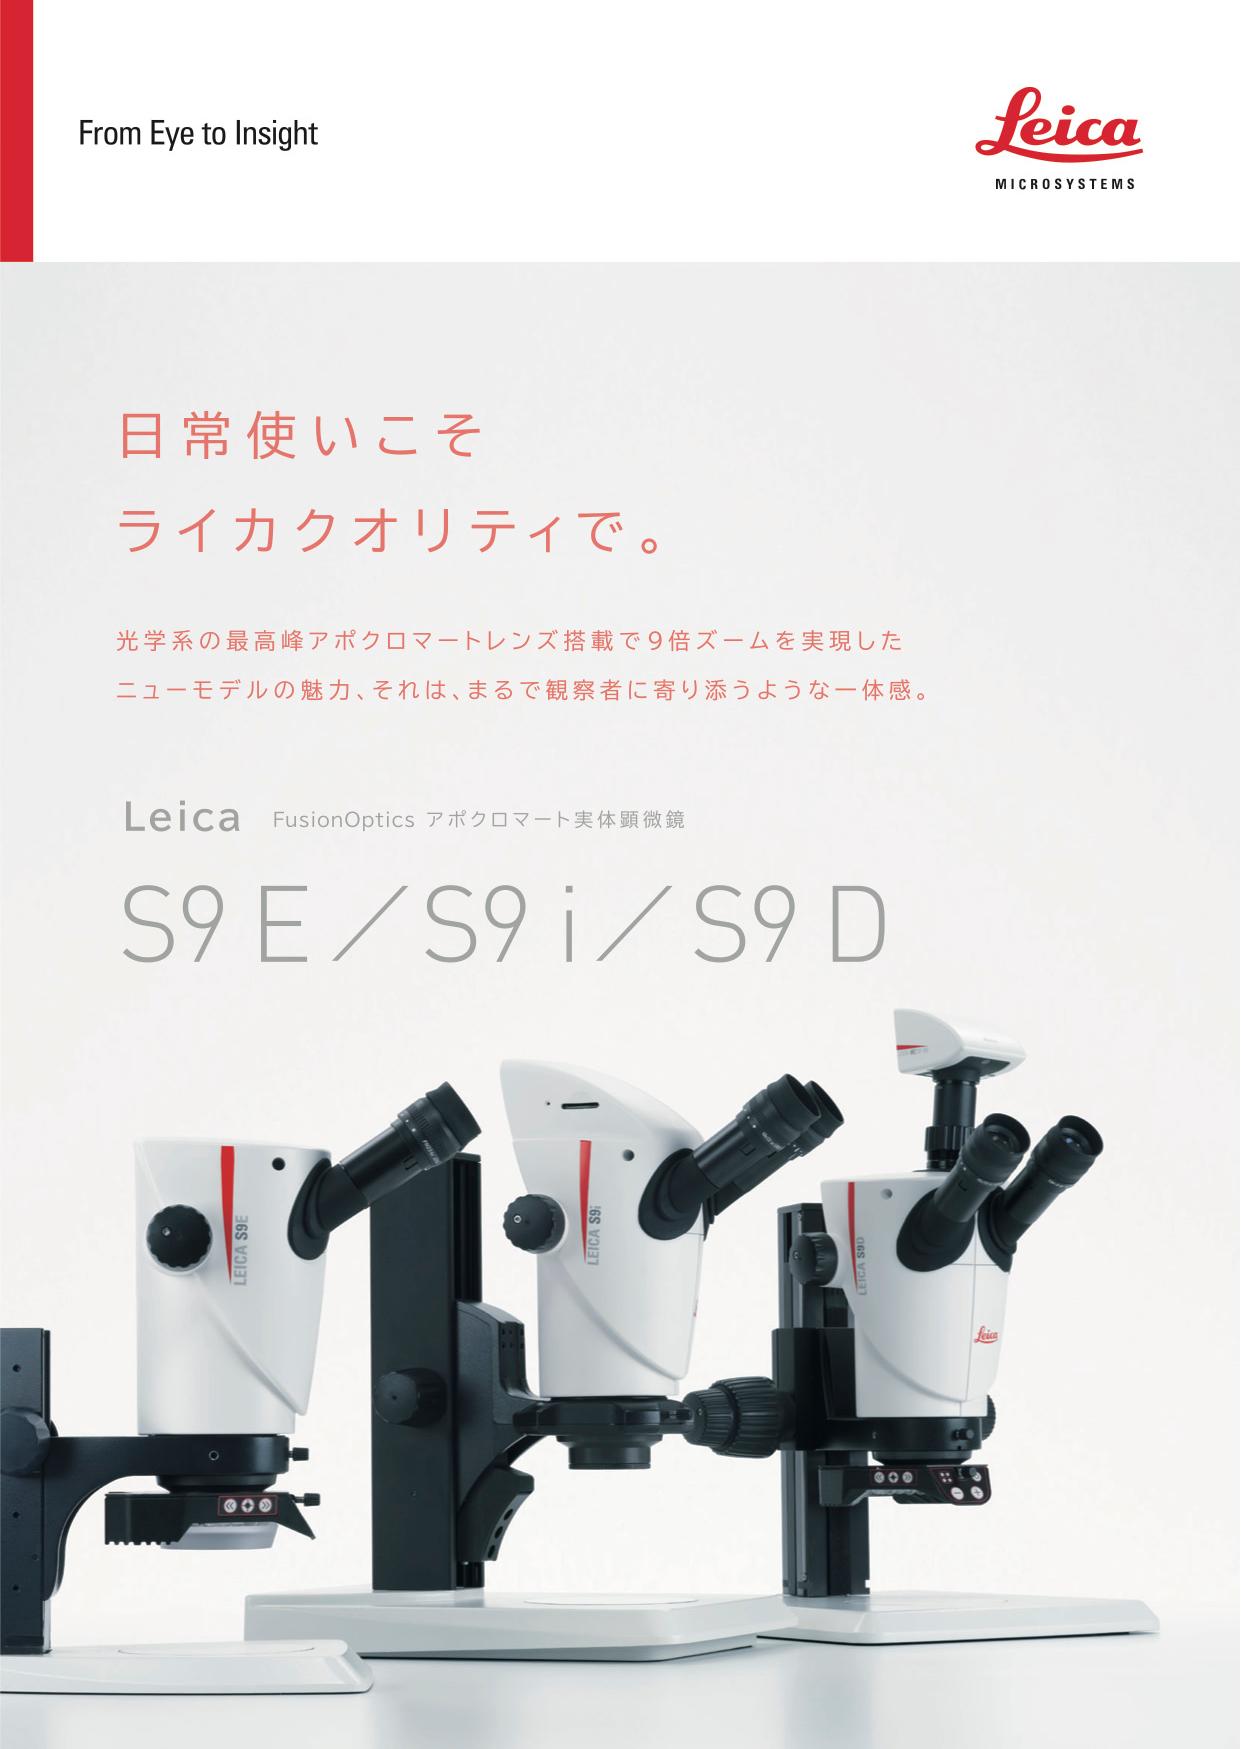 ダウンロード/FusionOptics 実体顕微鏡 S9 カタログ